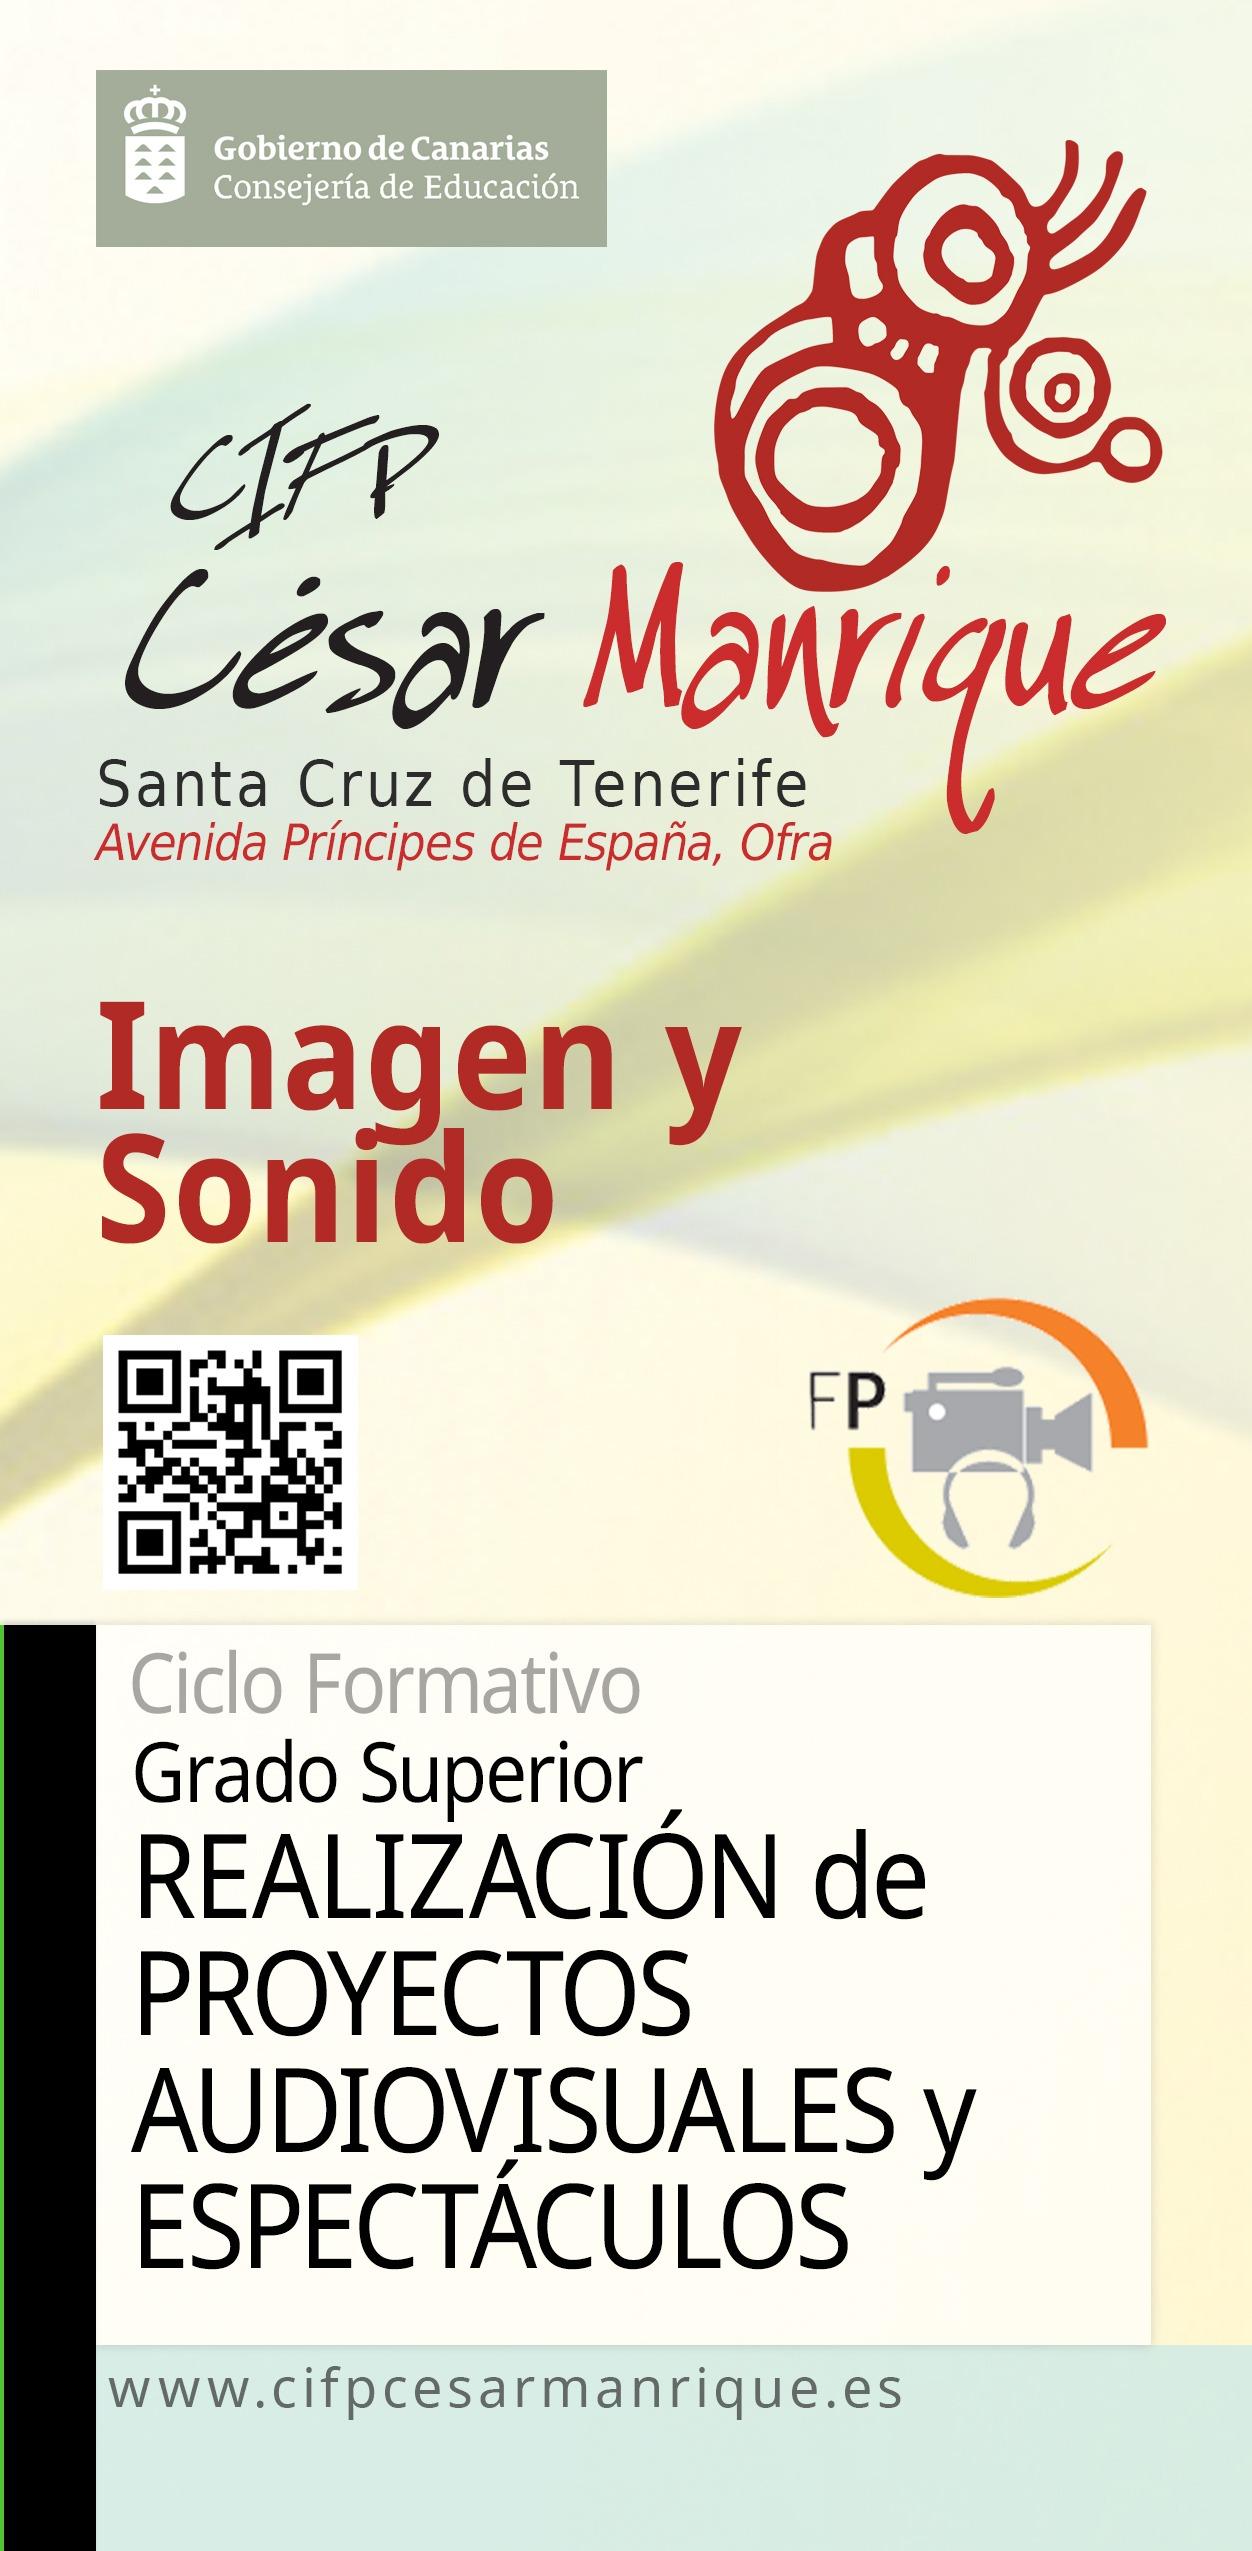 Grado Superior Realización de Proyectos Audiovisuales y Espectáculos